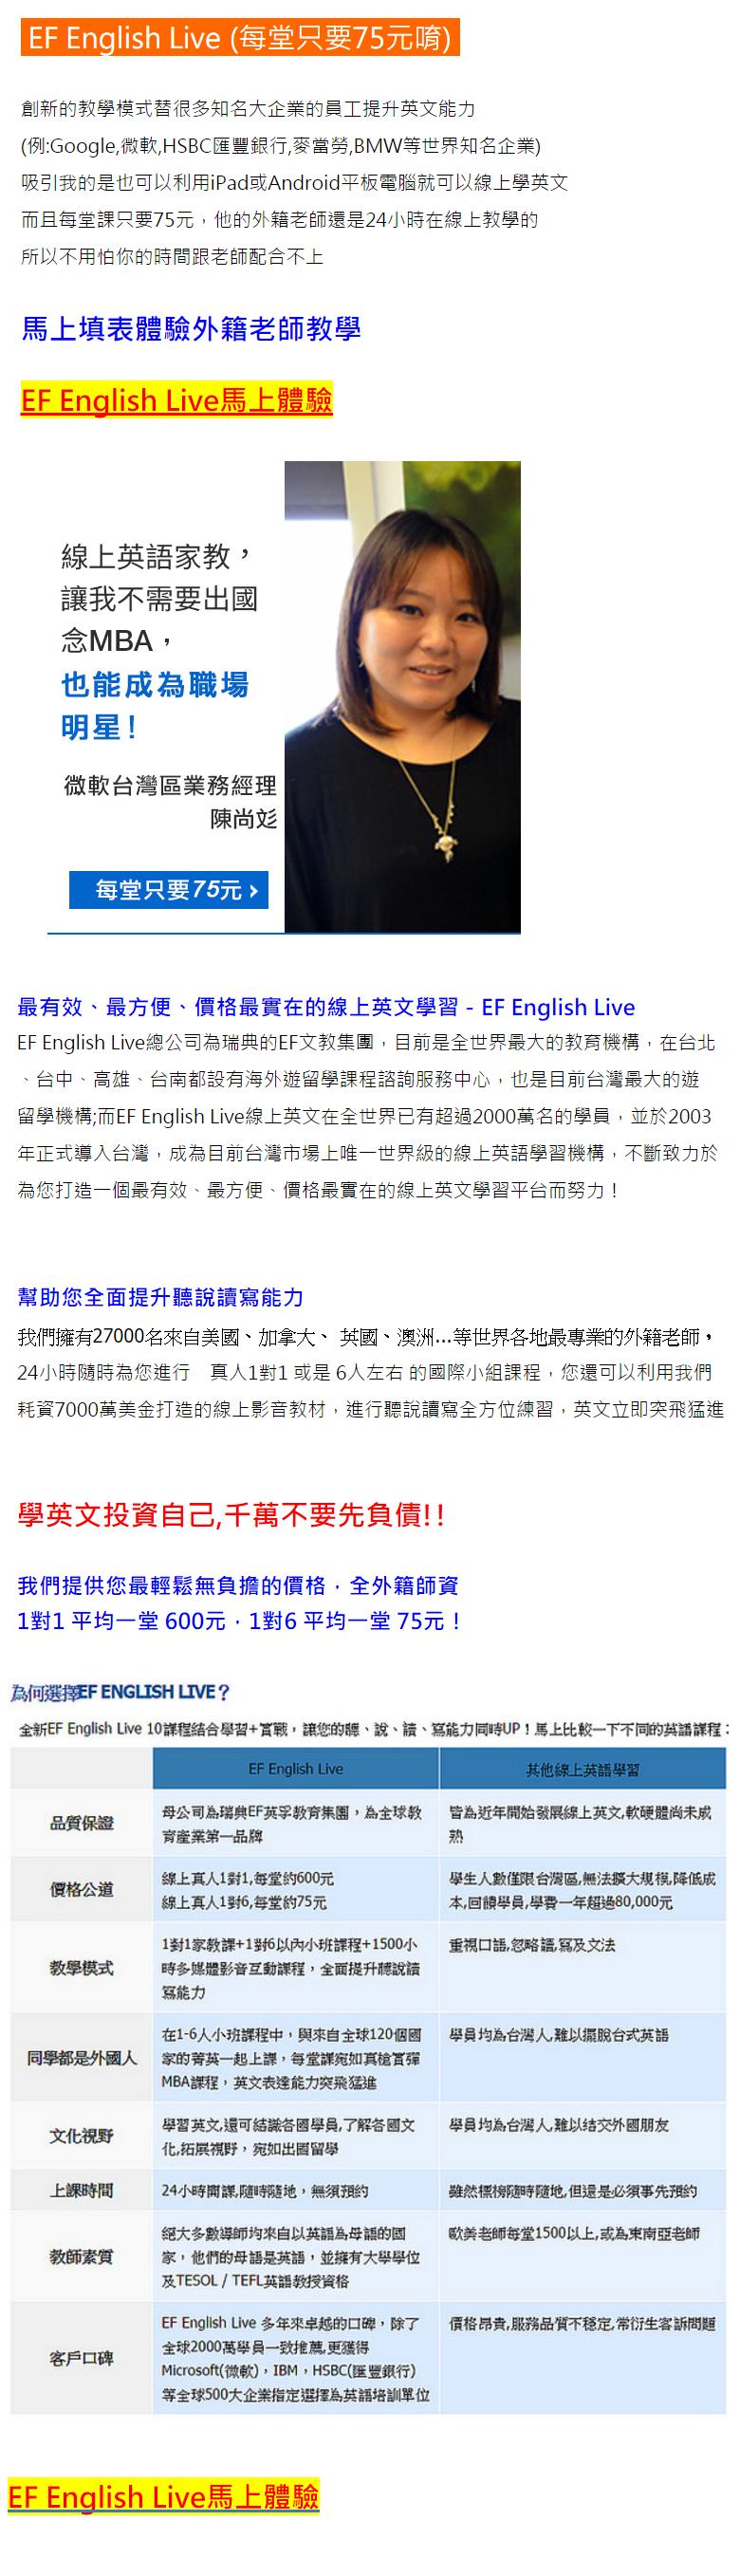 線上學英文發音評價